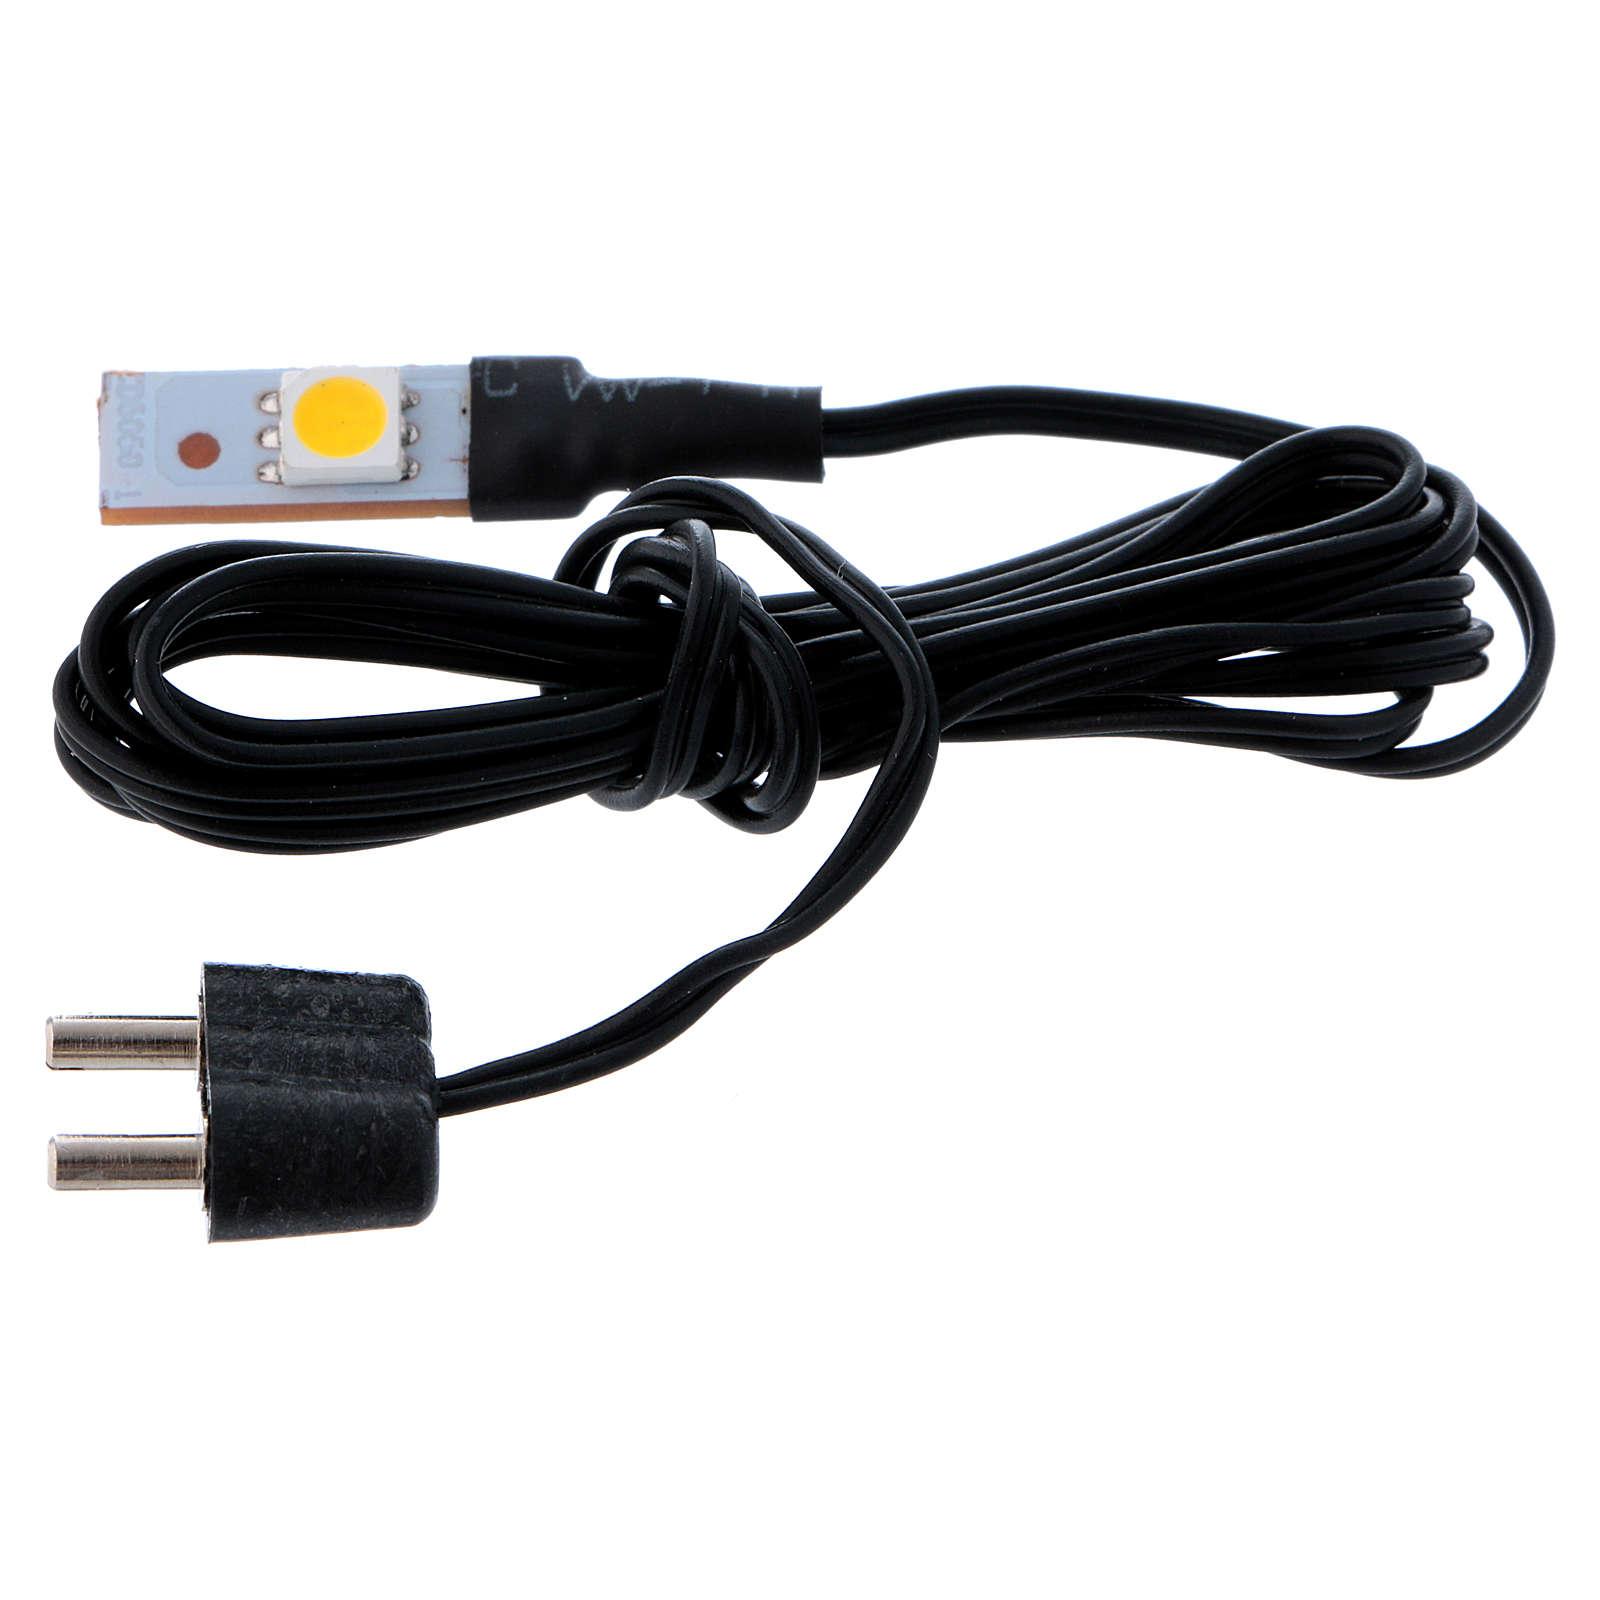 LED branco plano individual de baixa tensão 4